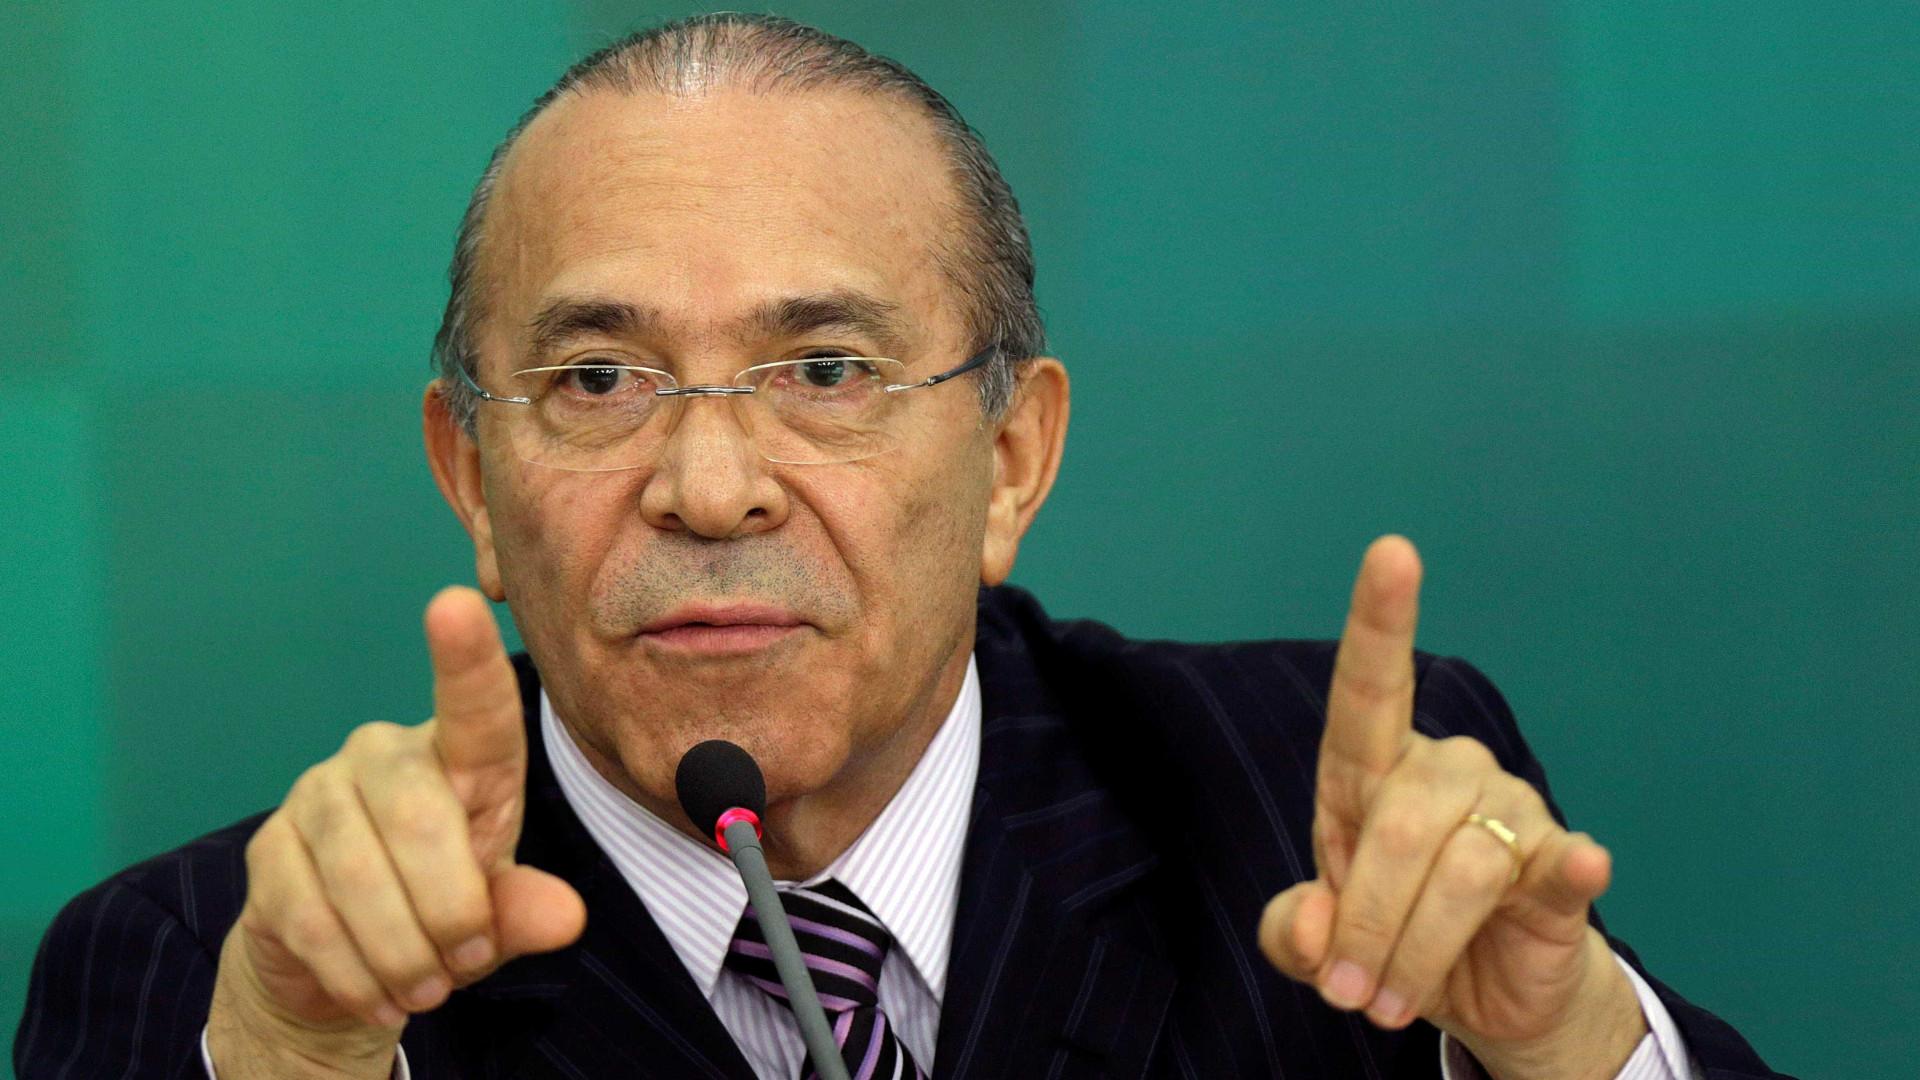 Câmara deve aprovar reforma da Previdência em outubro, diz Eliseu Padilha